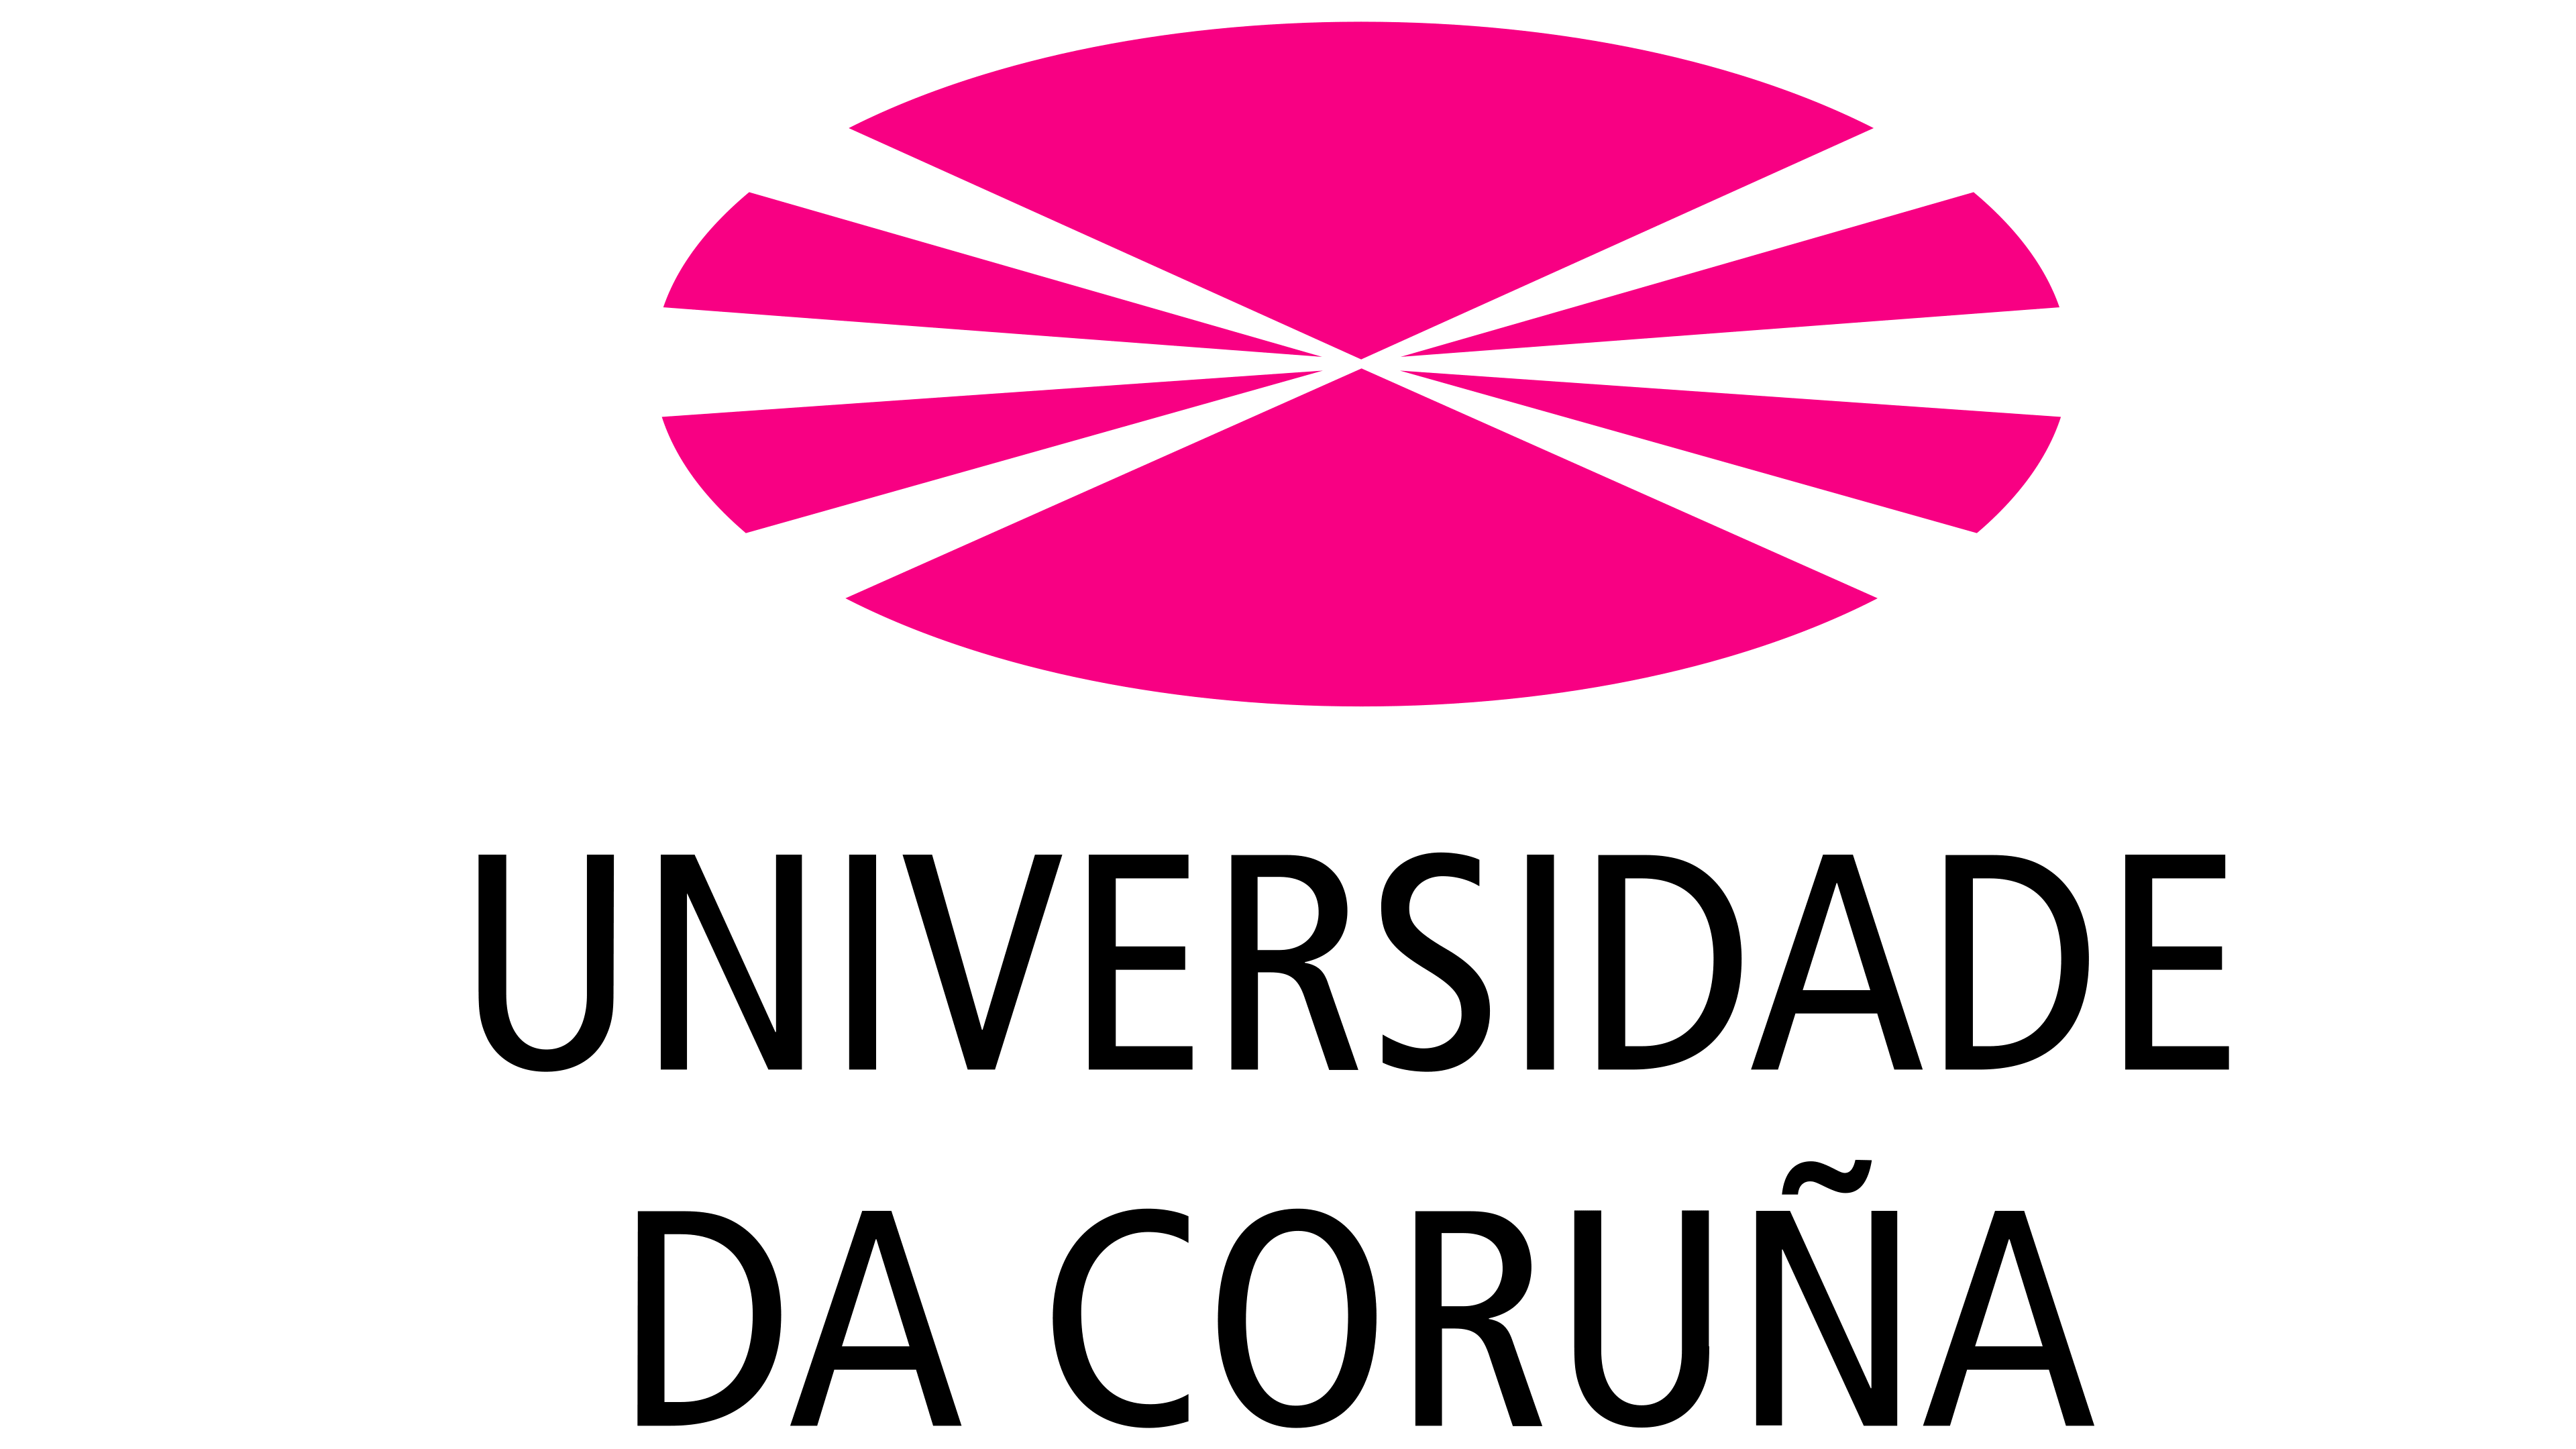 UDC Logo | Significado, História e PNG